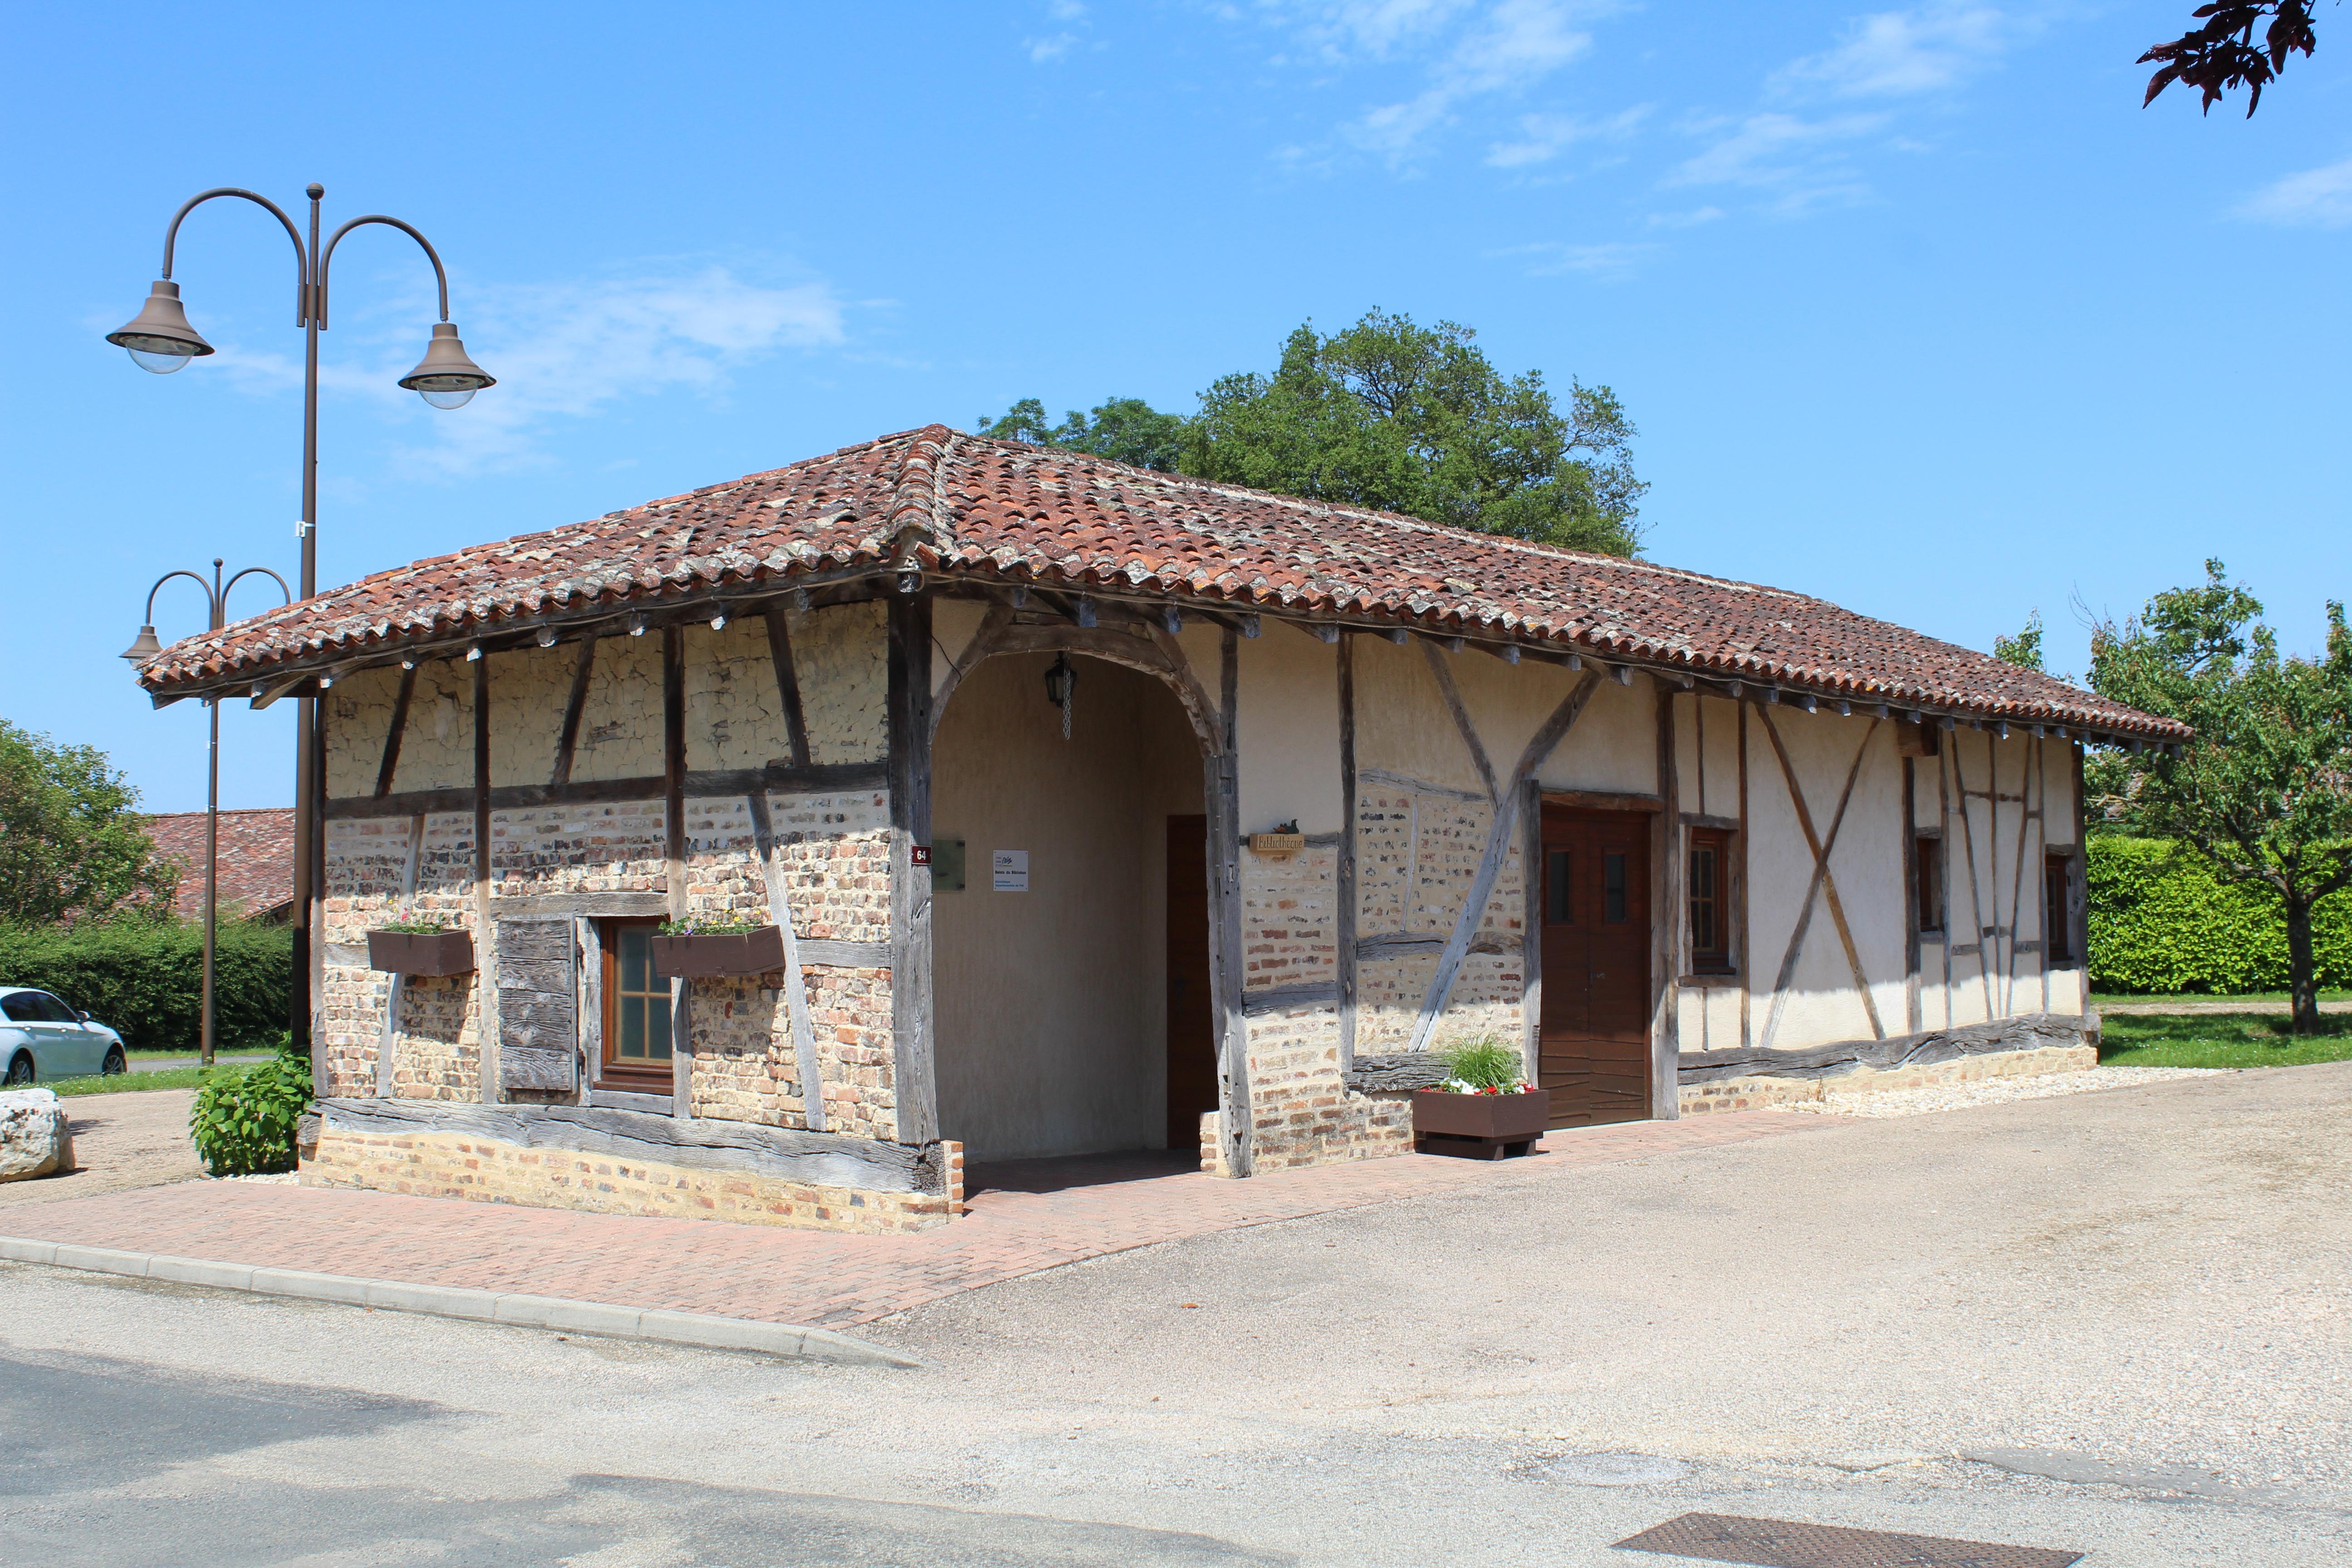 Saint-Genis-sur-Menthon